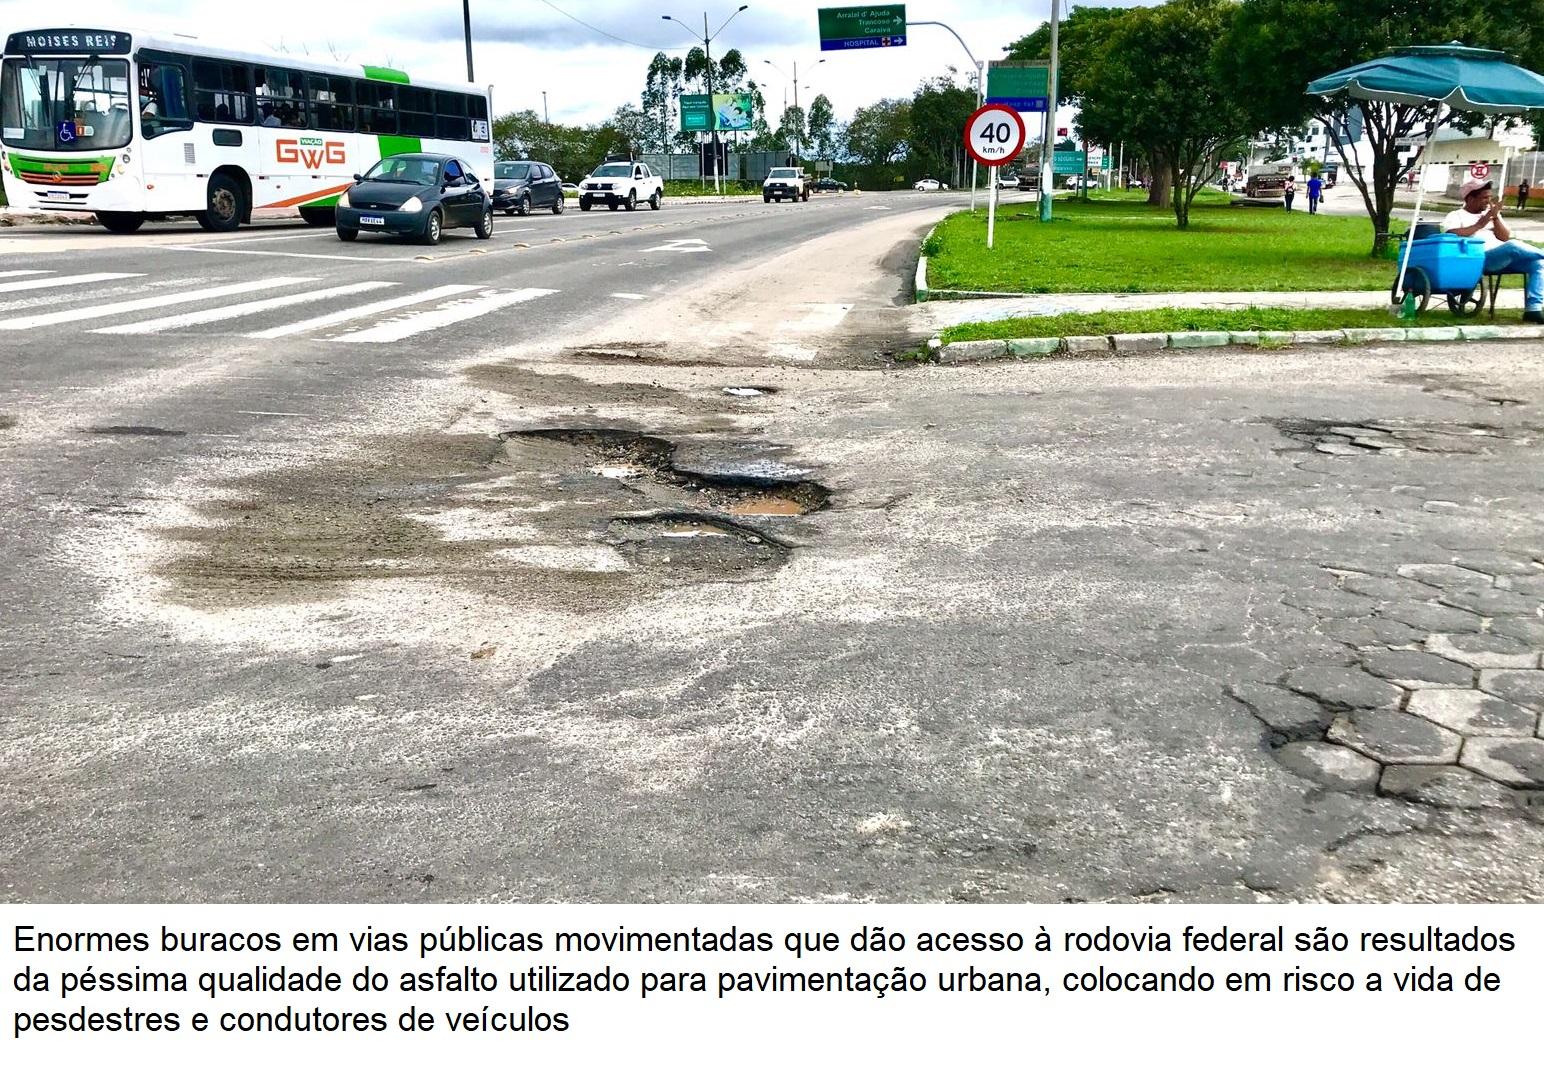 Situação de degradação das ruas de Eunápolis é resultado da péssima qualidade do asfalto e desvio de dinheiro público 32